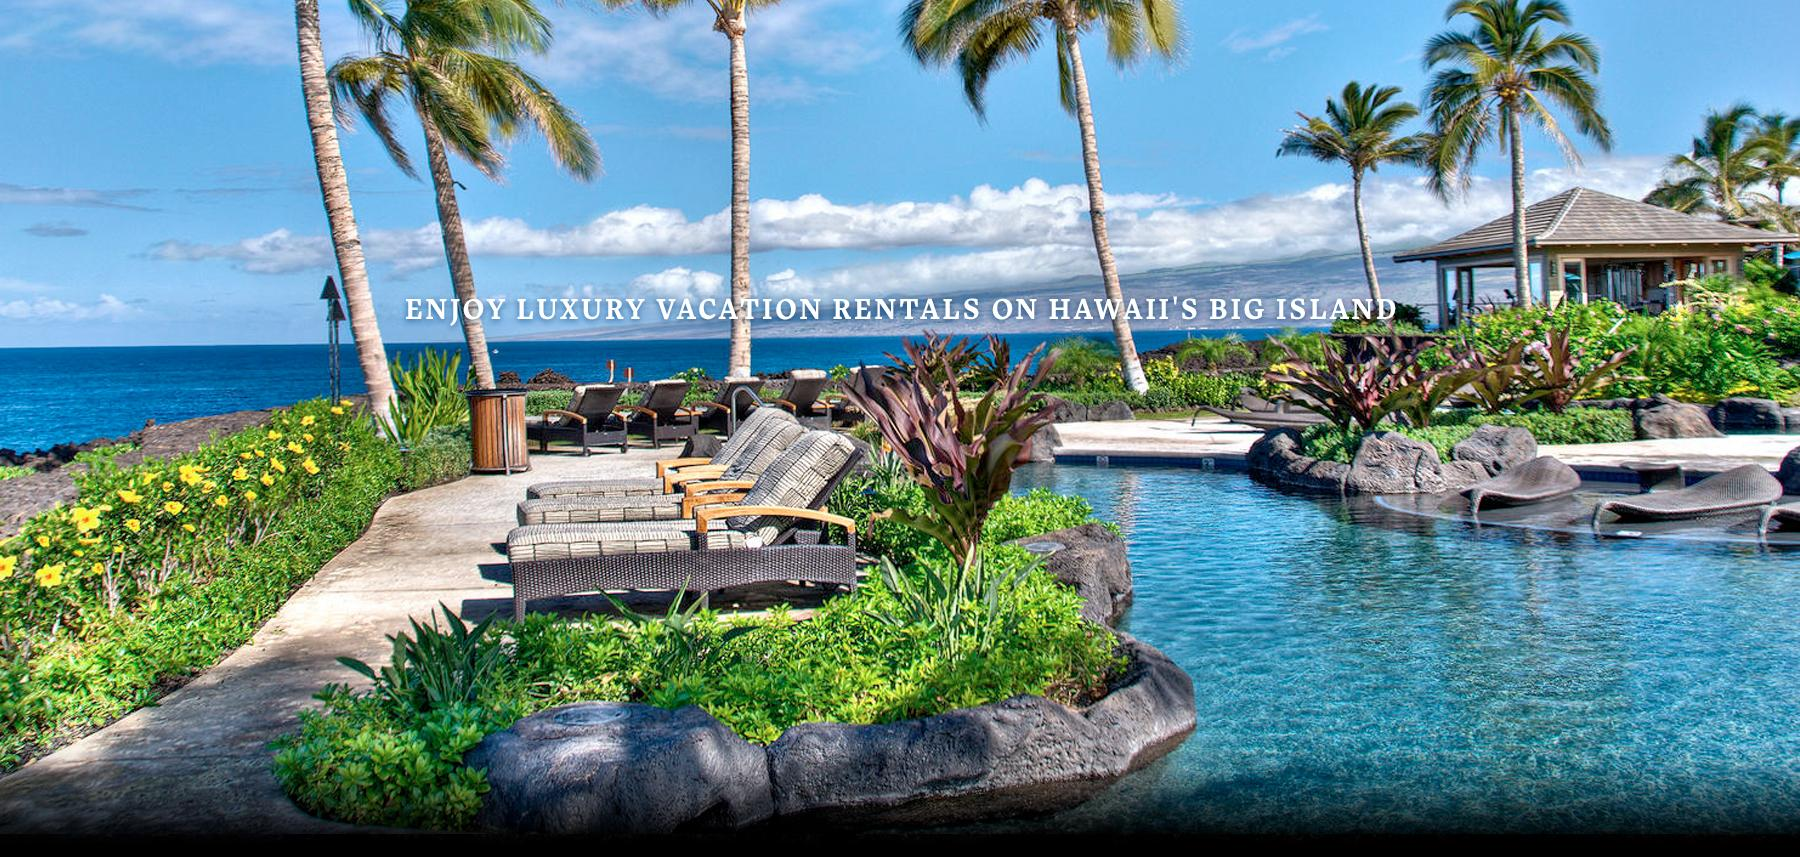 Hawaii Luxury Vacation Retreats | Luxury Big Island Vacation Rentals